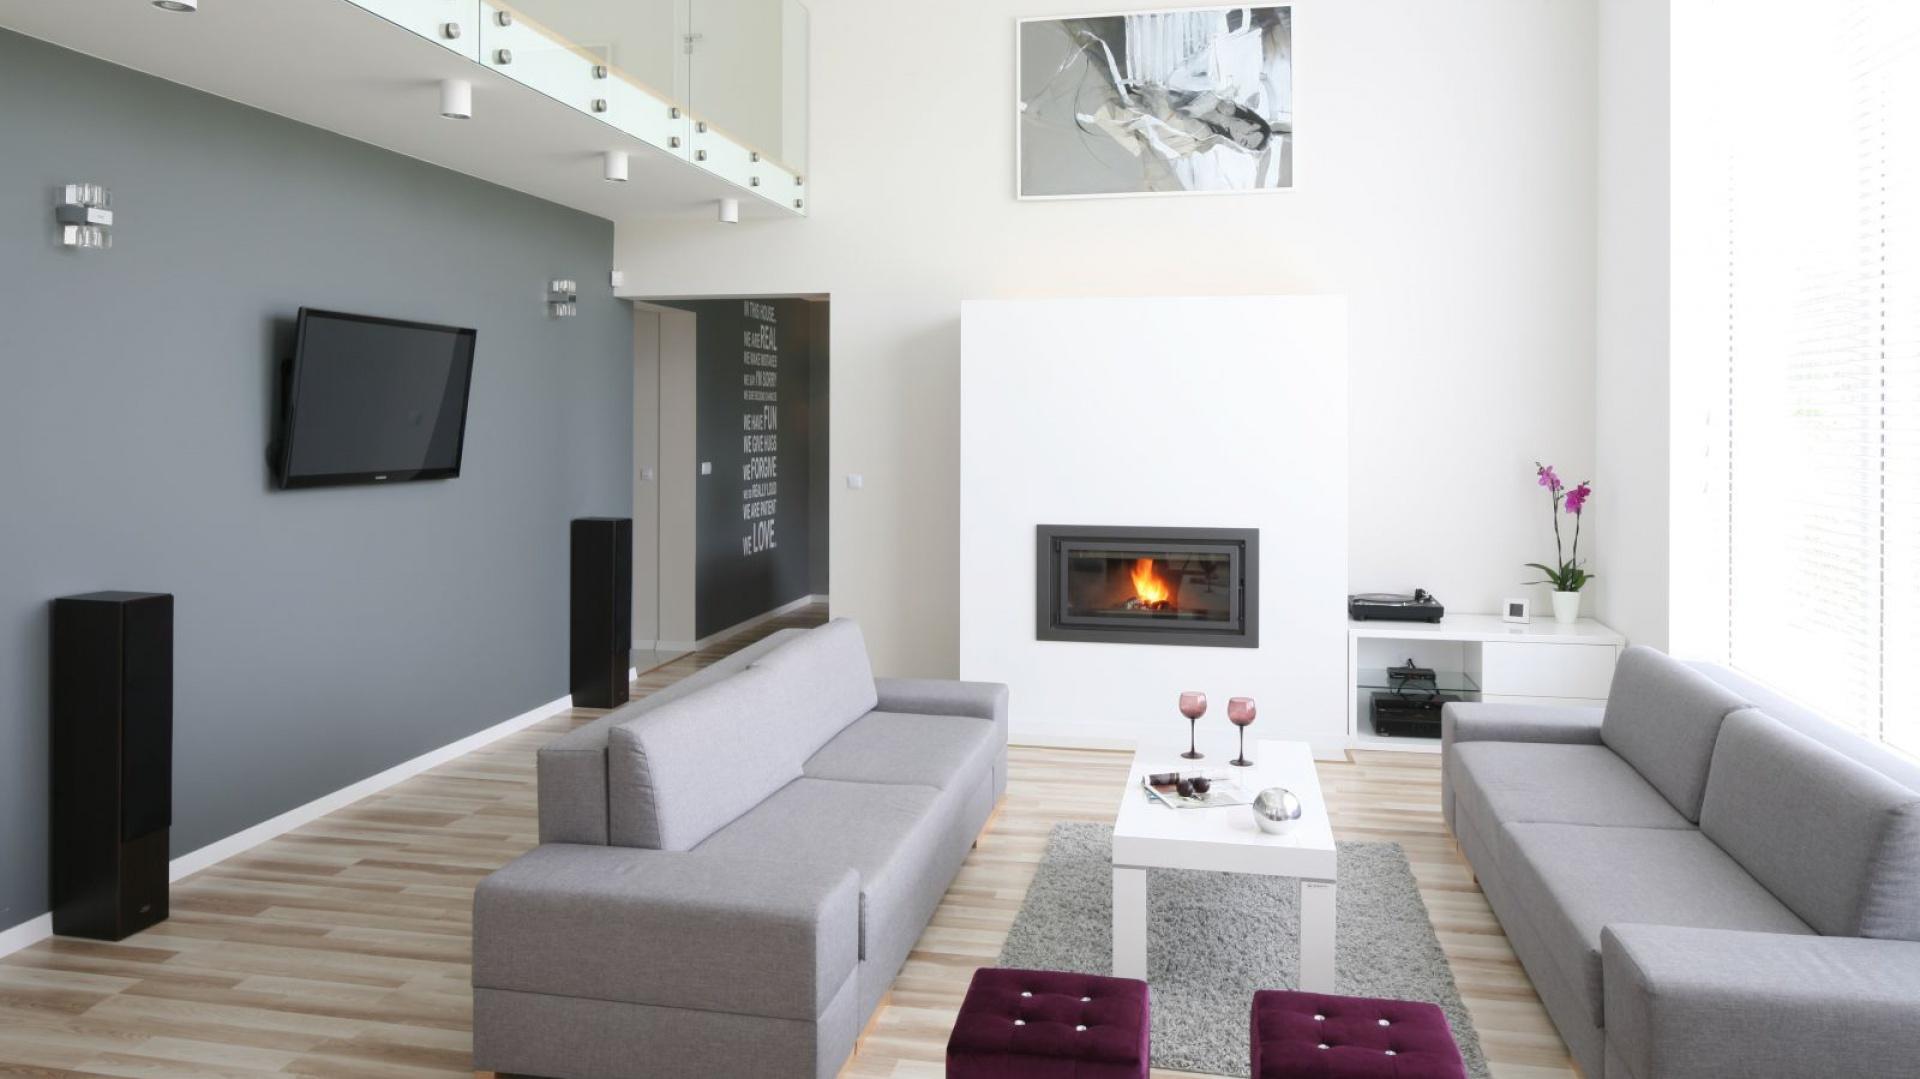 Szare, nowoczesne sofy i ściana, na której wisi telewizor wprowadzają do  przestronnego wnętrza wrażenie równowagi. Projekt: Karolina i Artur Urban. Fot. Bartosz Jarosz.